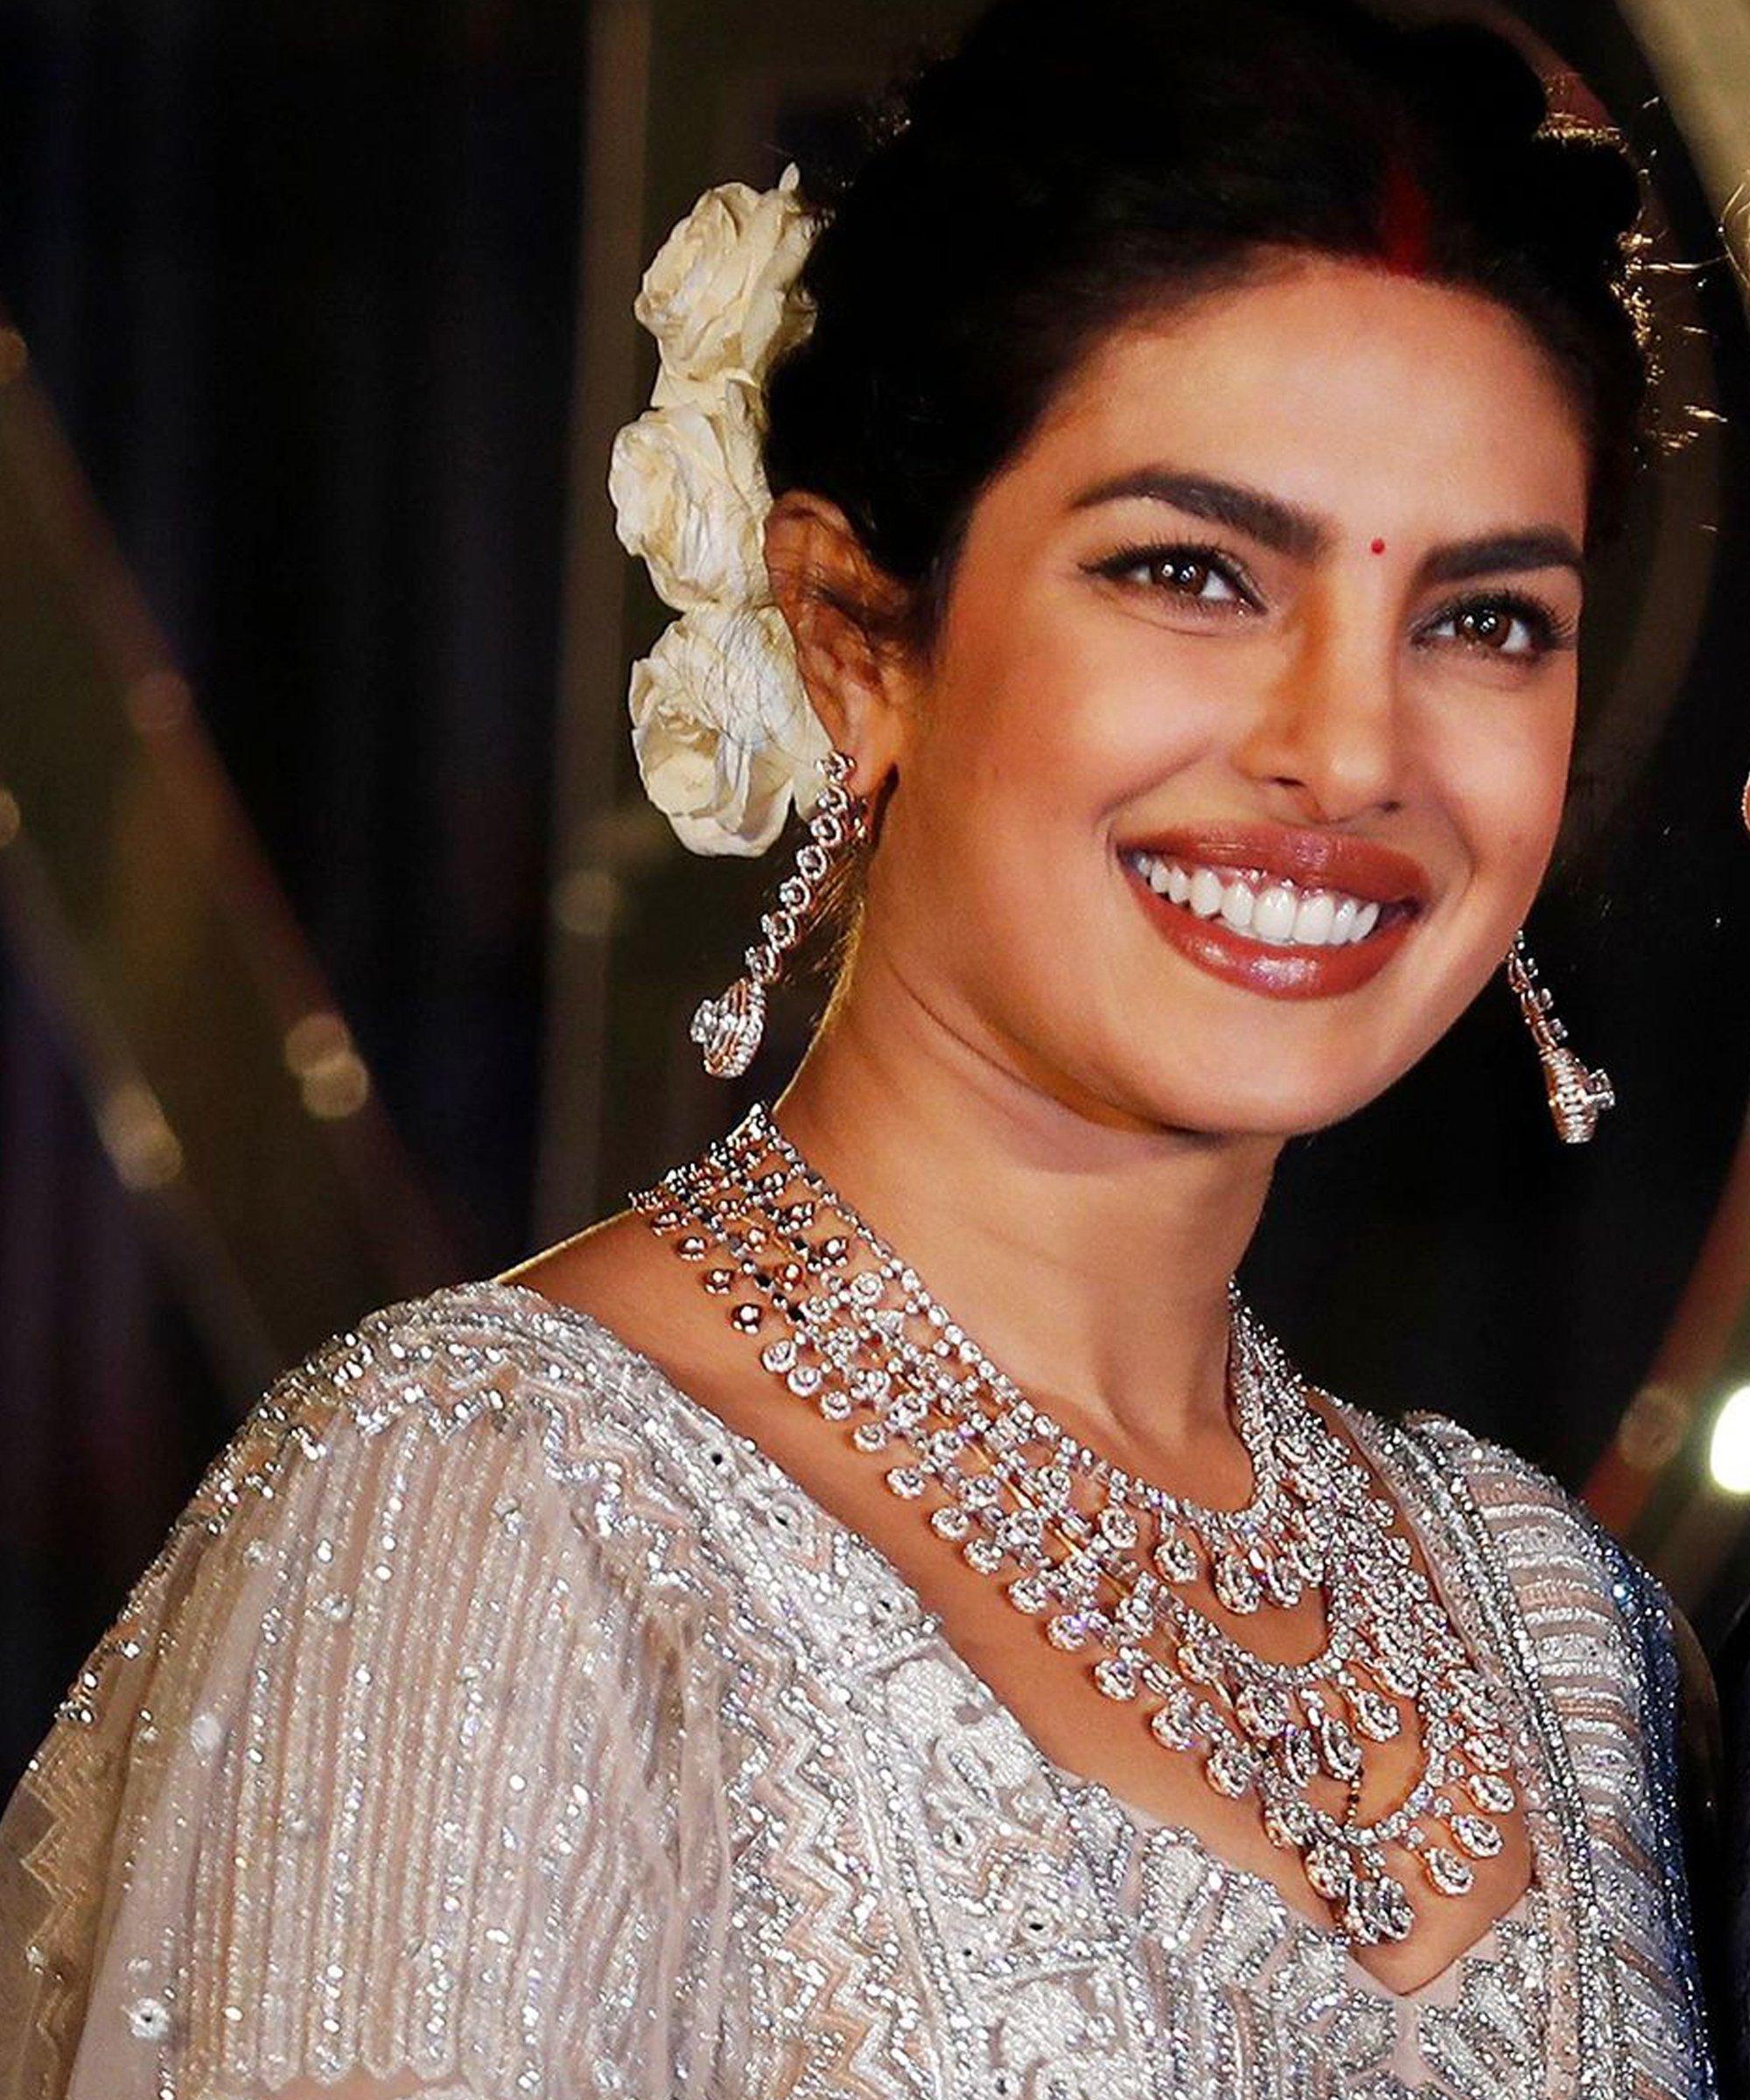 روتين العناية بالبشرة عروسه بريانكا شوبرا